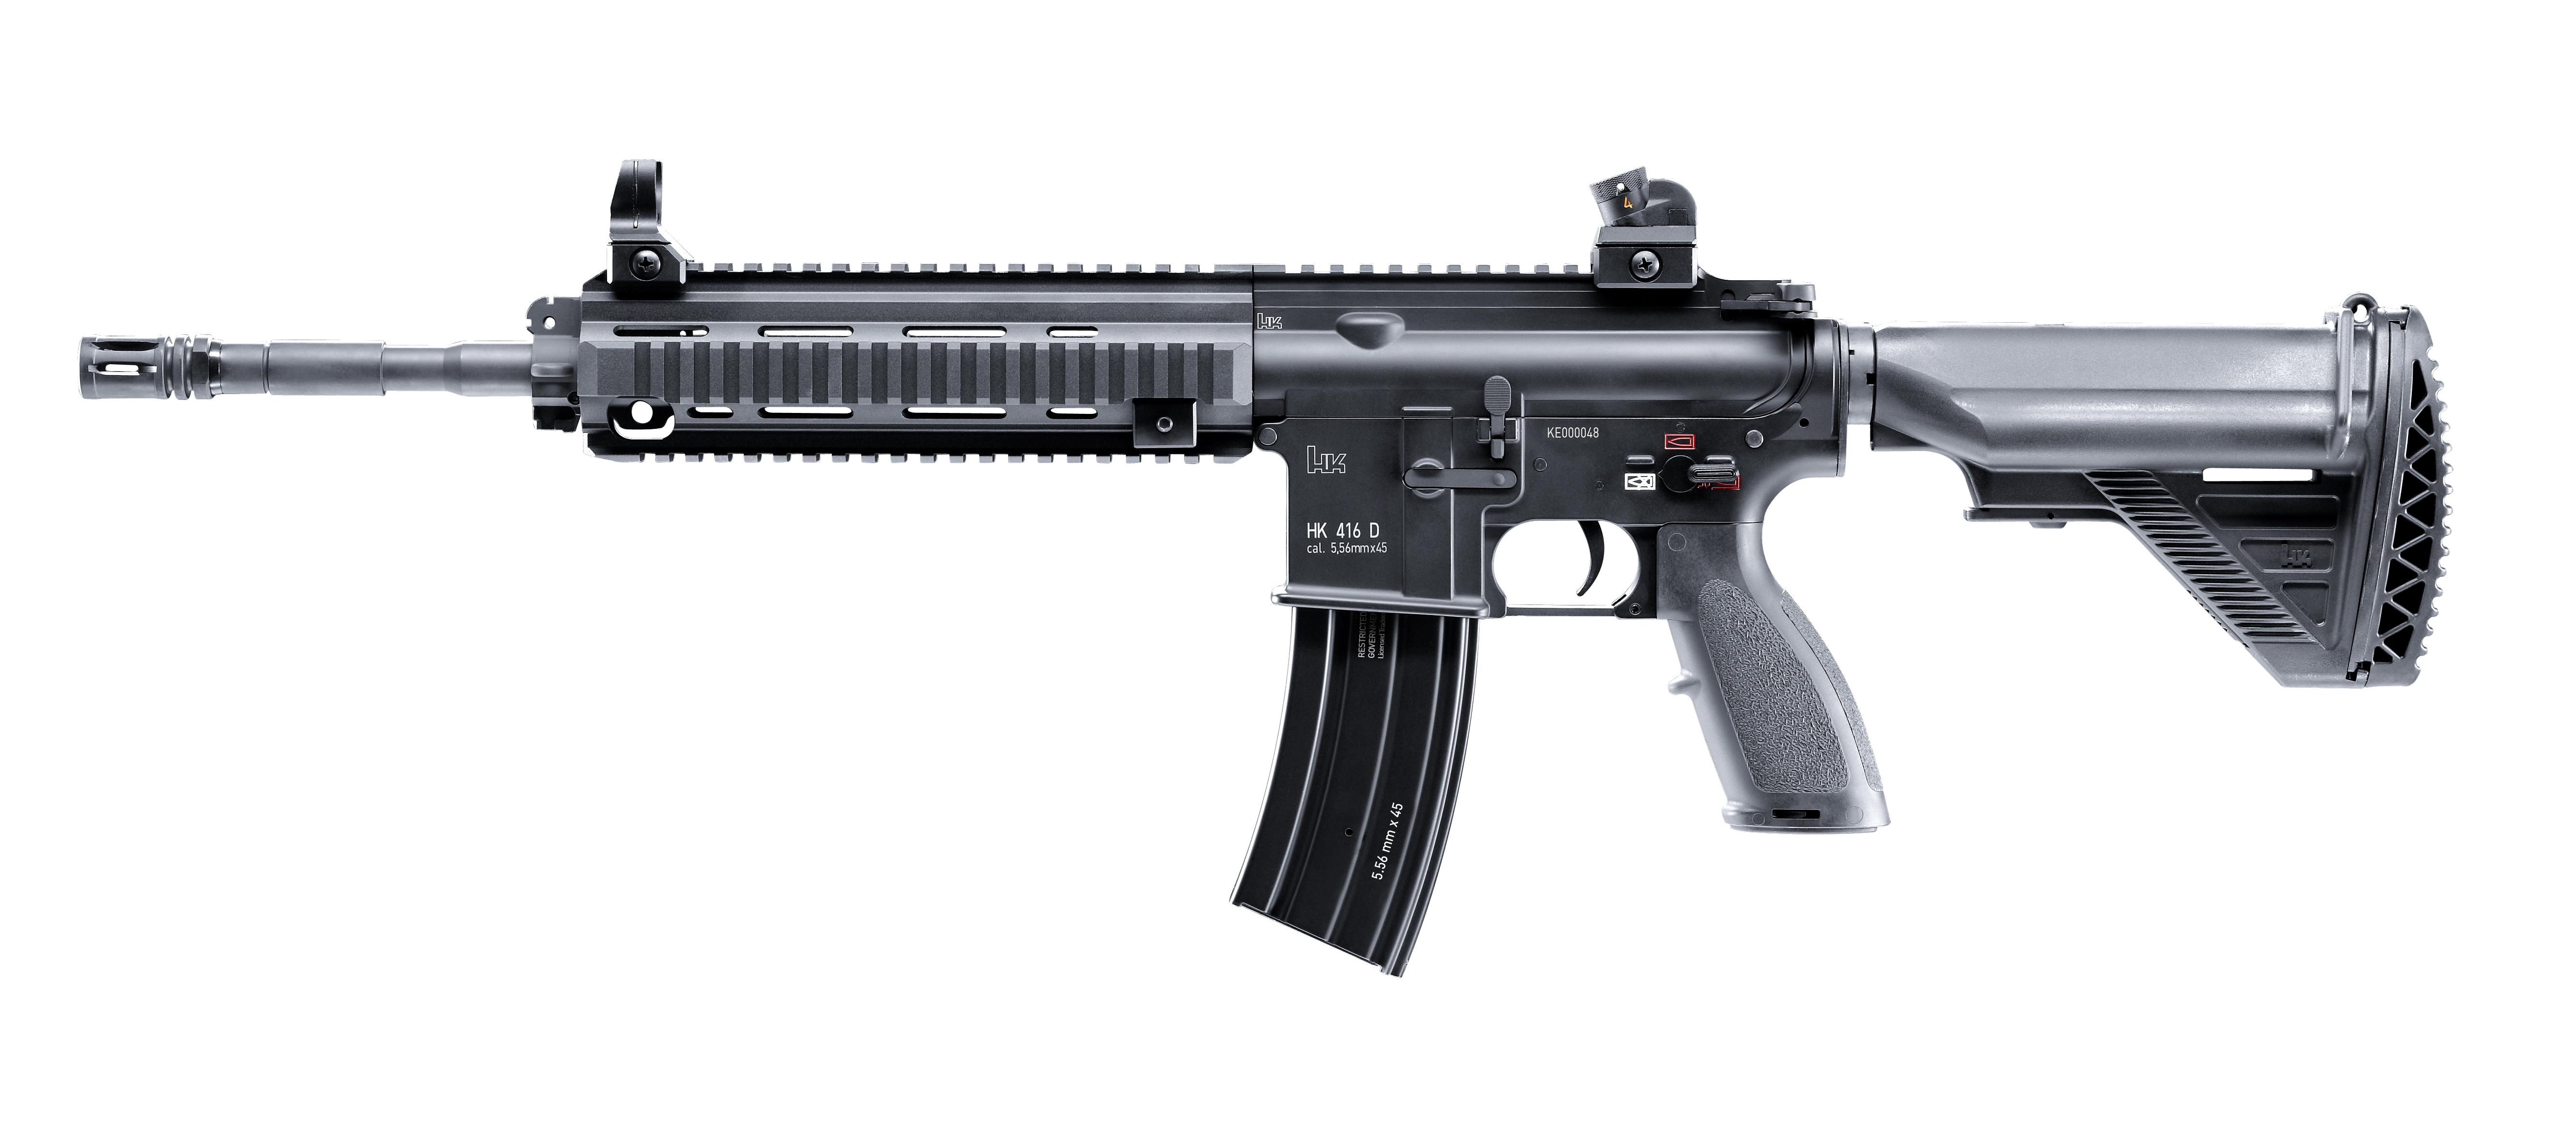 HECKLER & KOCH (Umarex) AEG Rifle HK416D V2 Full-Auto